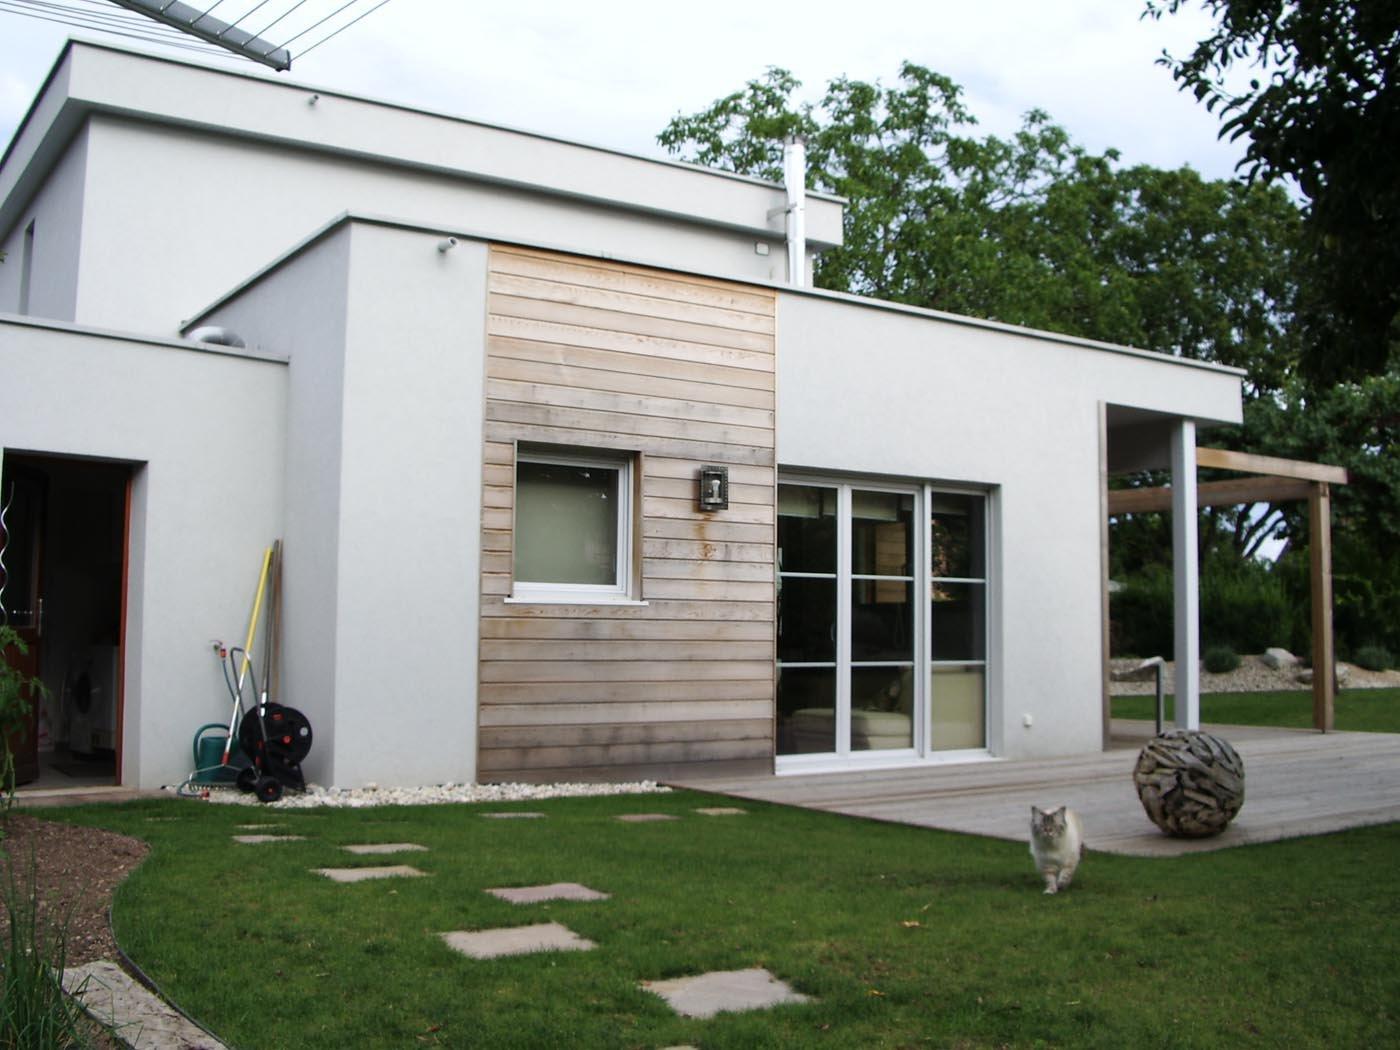 Maison contemporaine cubique for Maison moderne cubique